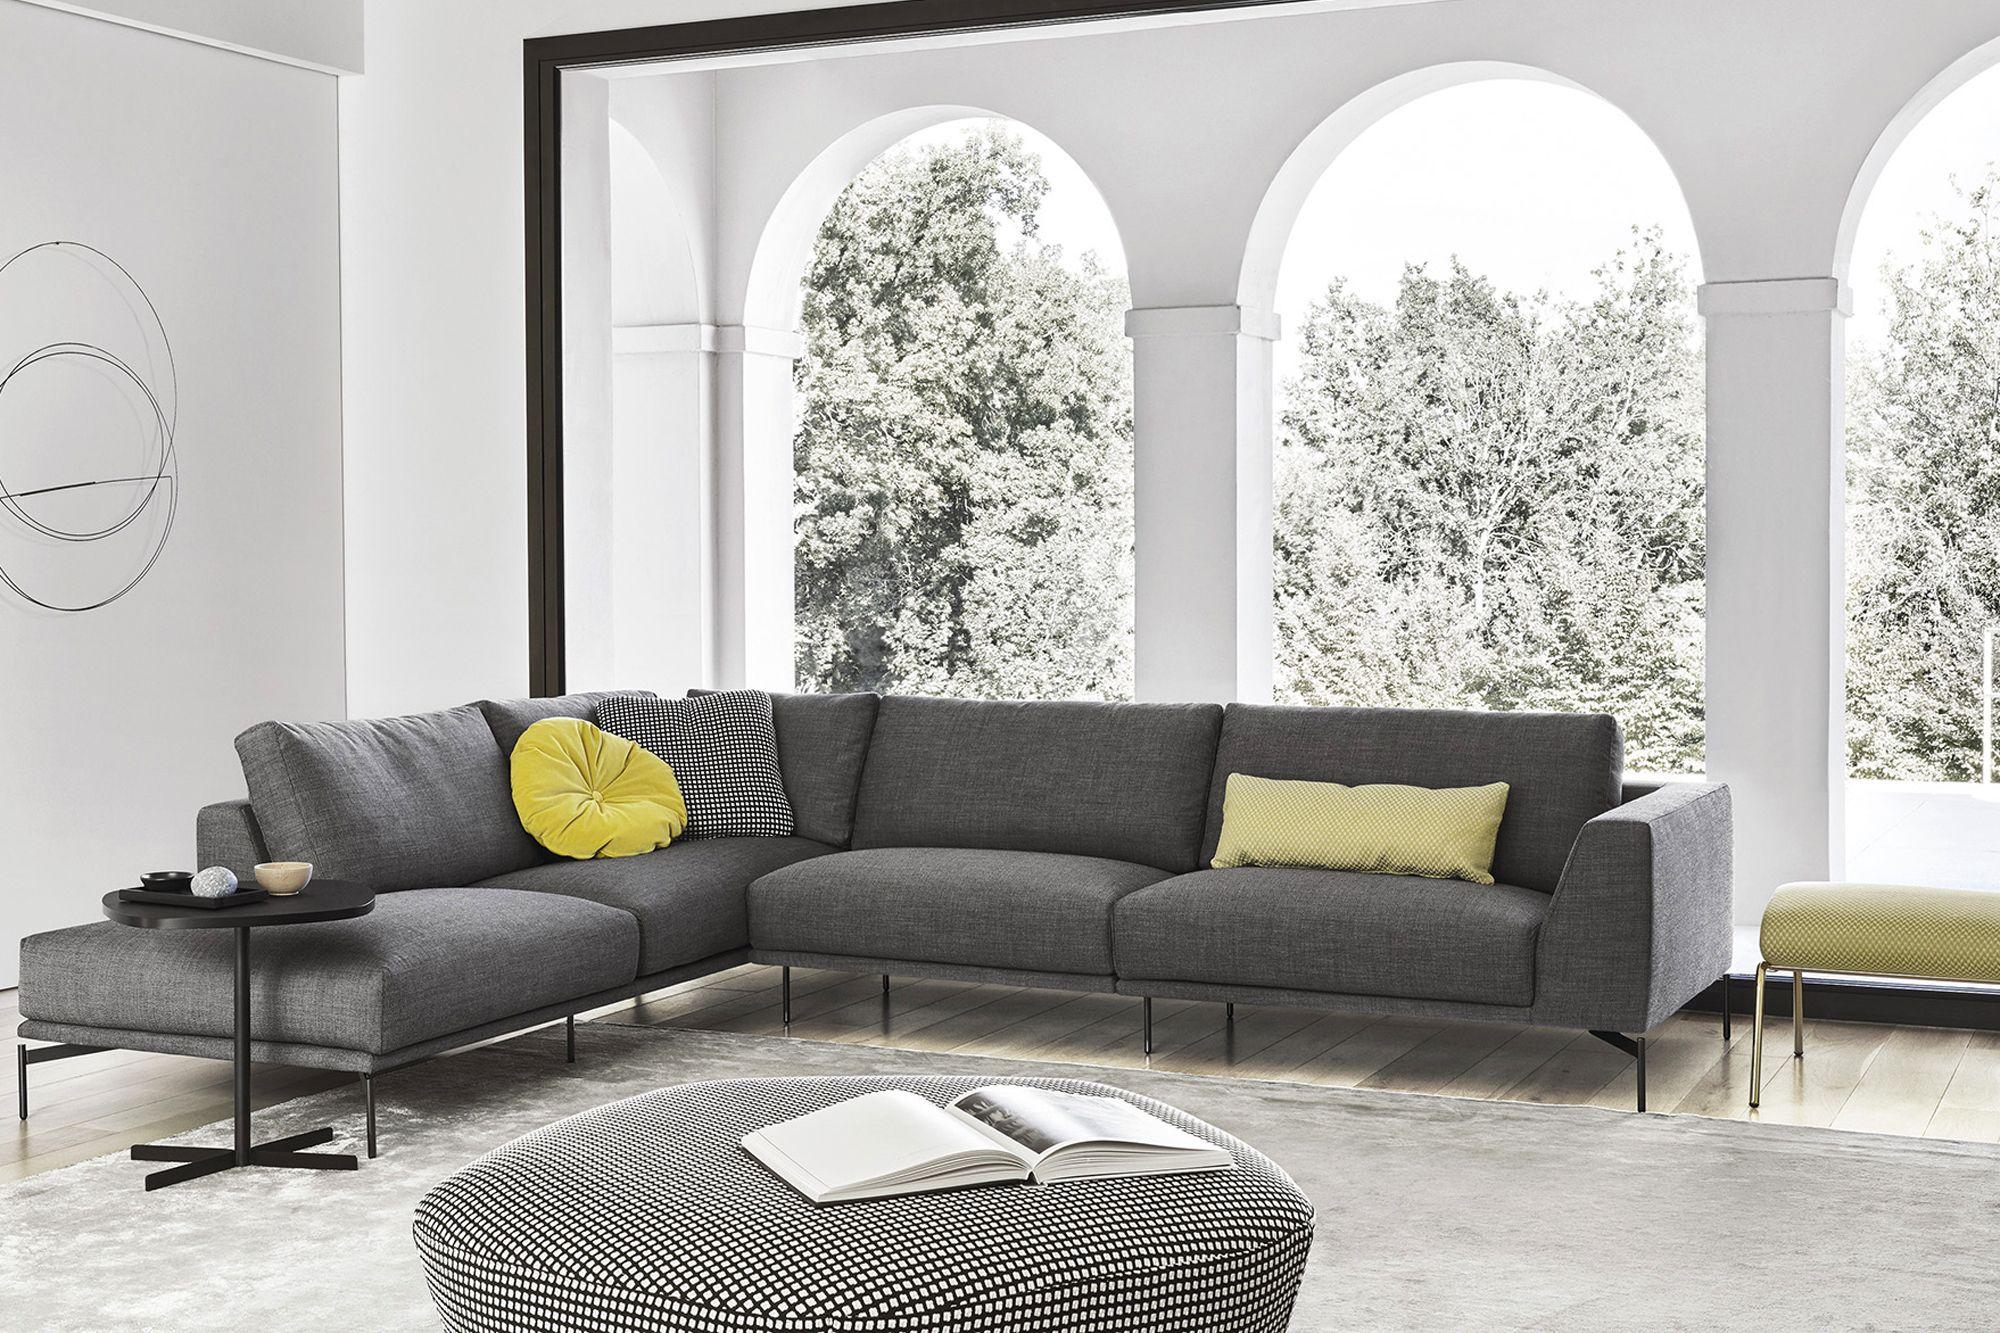 Table d'Appoint Arflex Island par Bernhardt & Vella, de Space Furniture